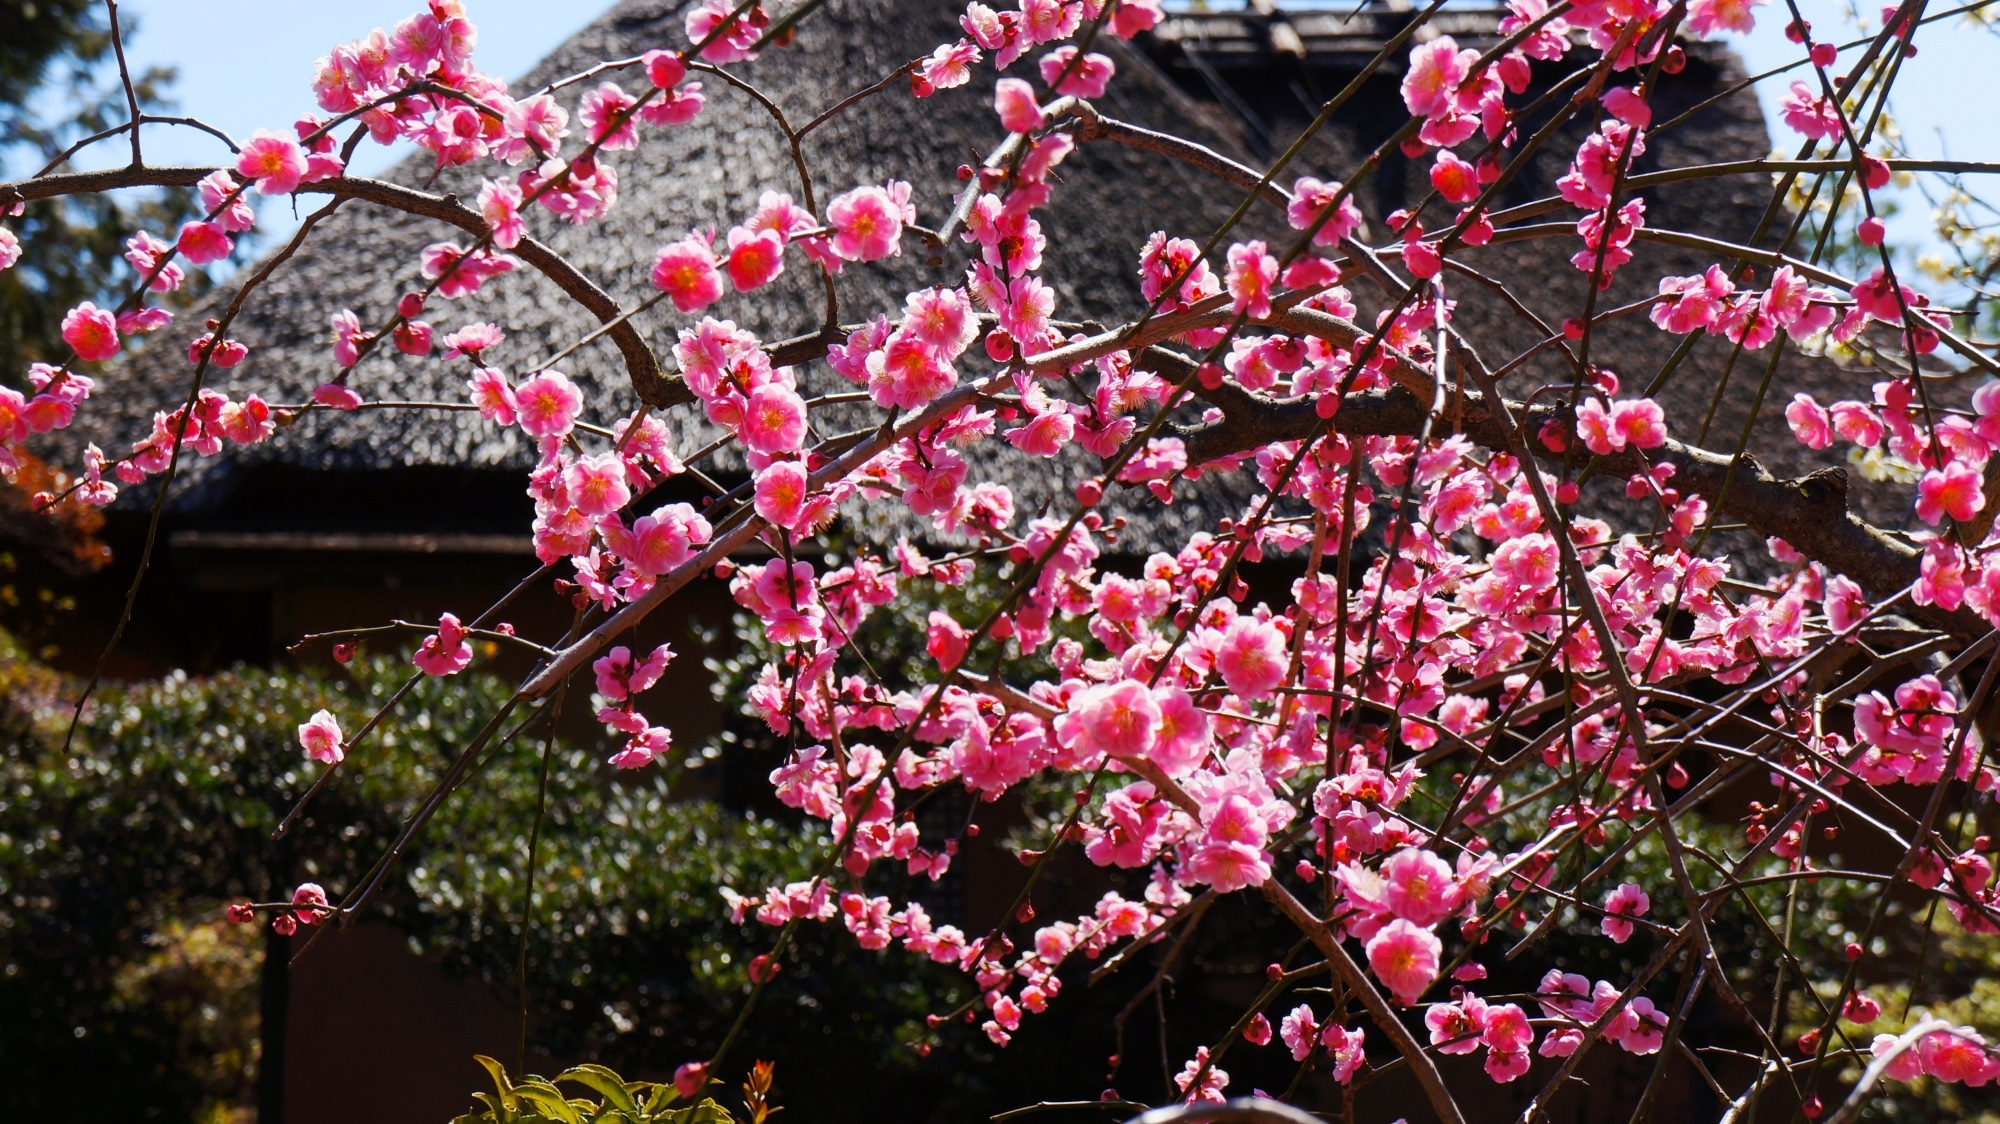 梅宮大社 梅 春先を彩る華やかな梅の花